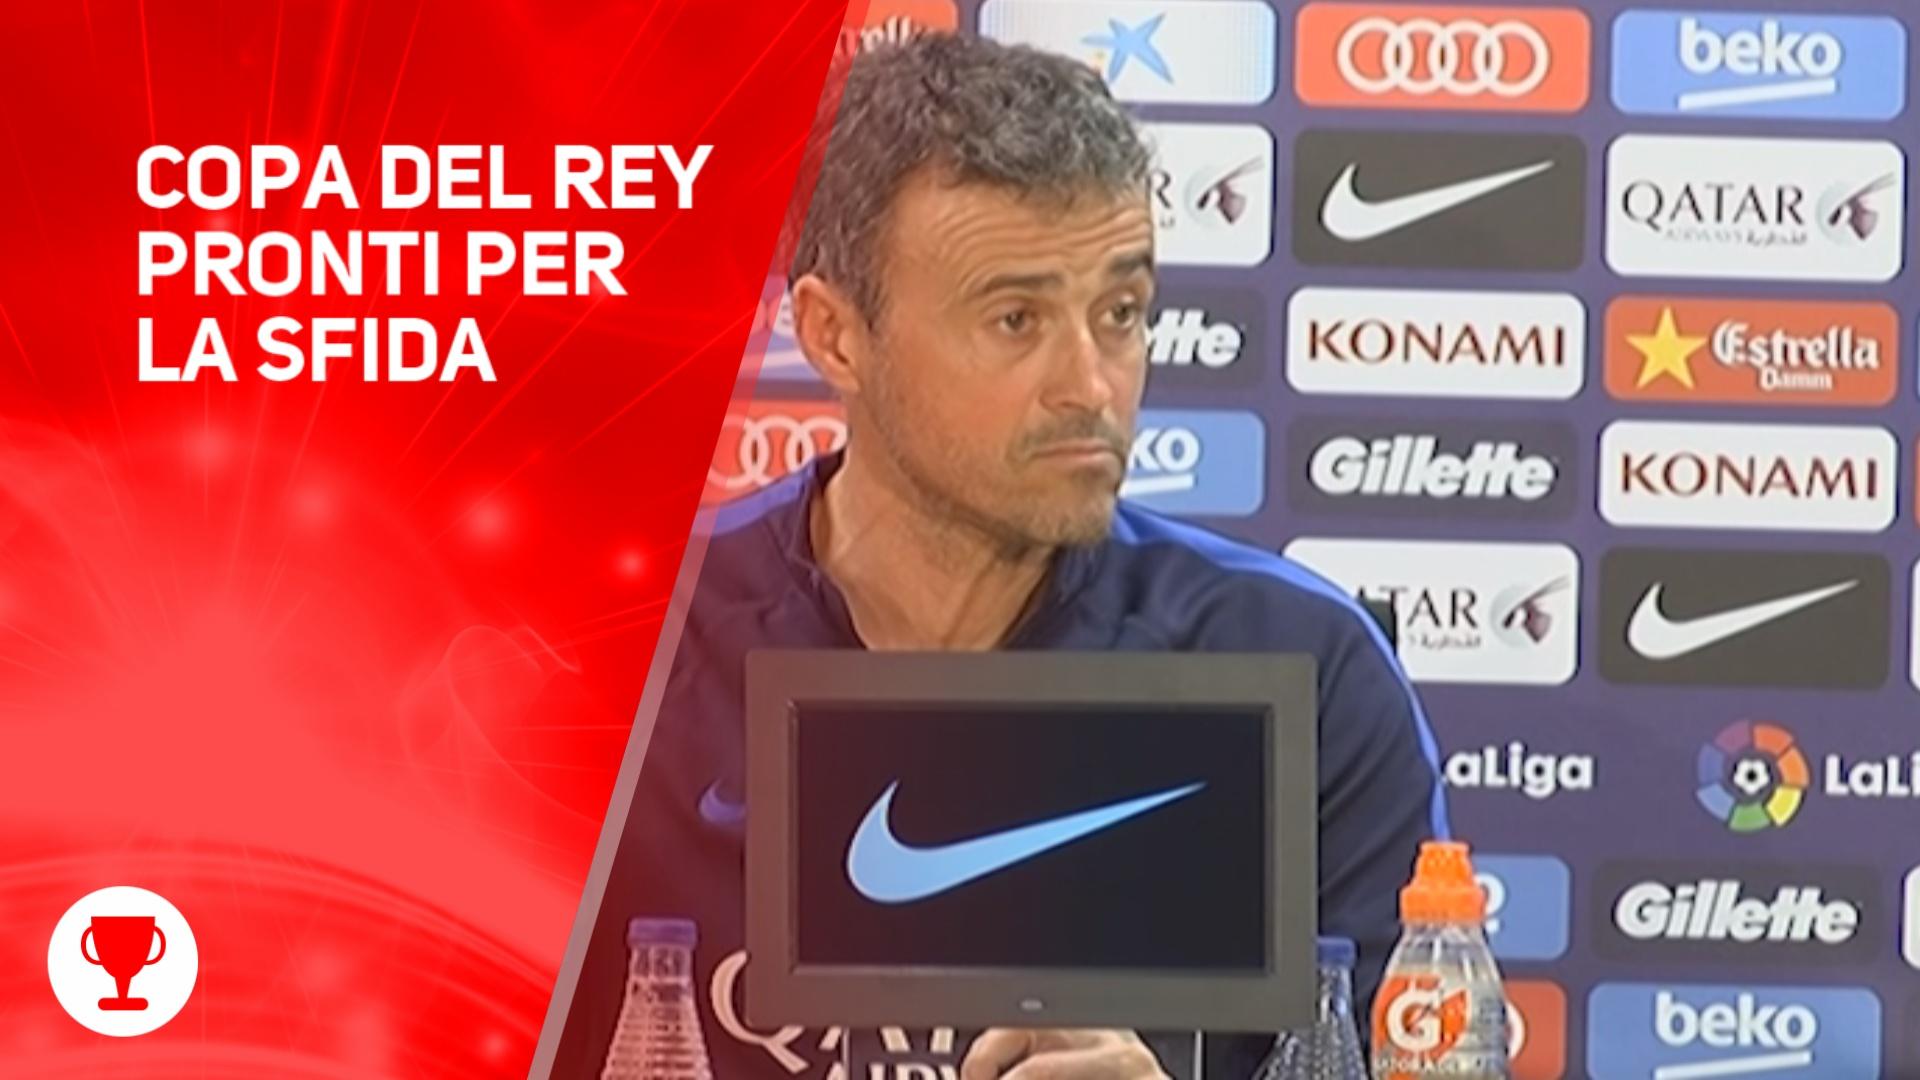 Copa del Rey, le previsioni di Louis Enrique